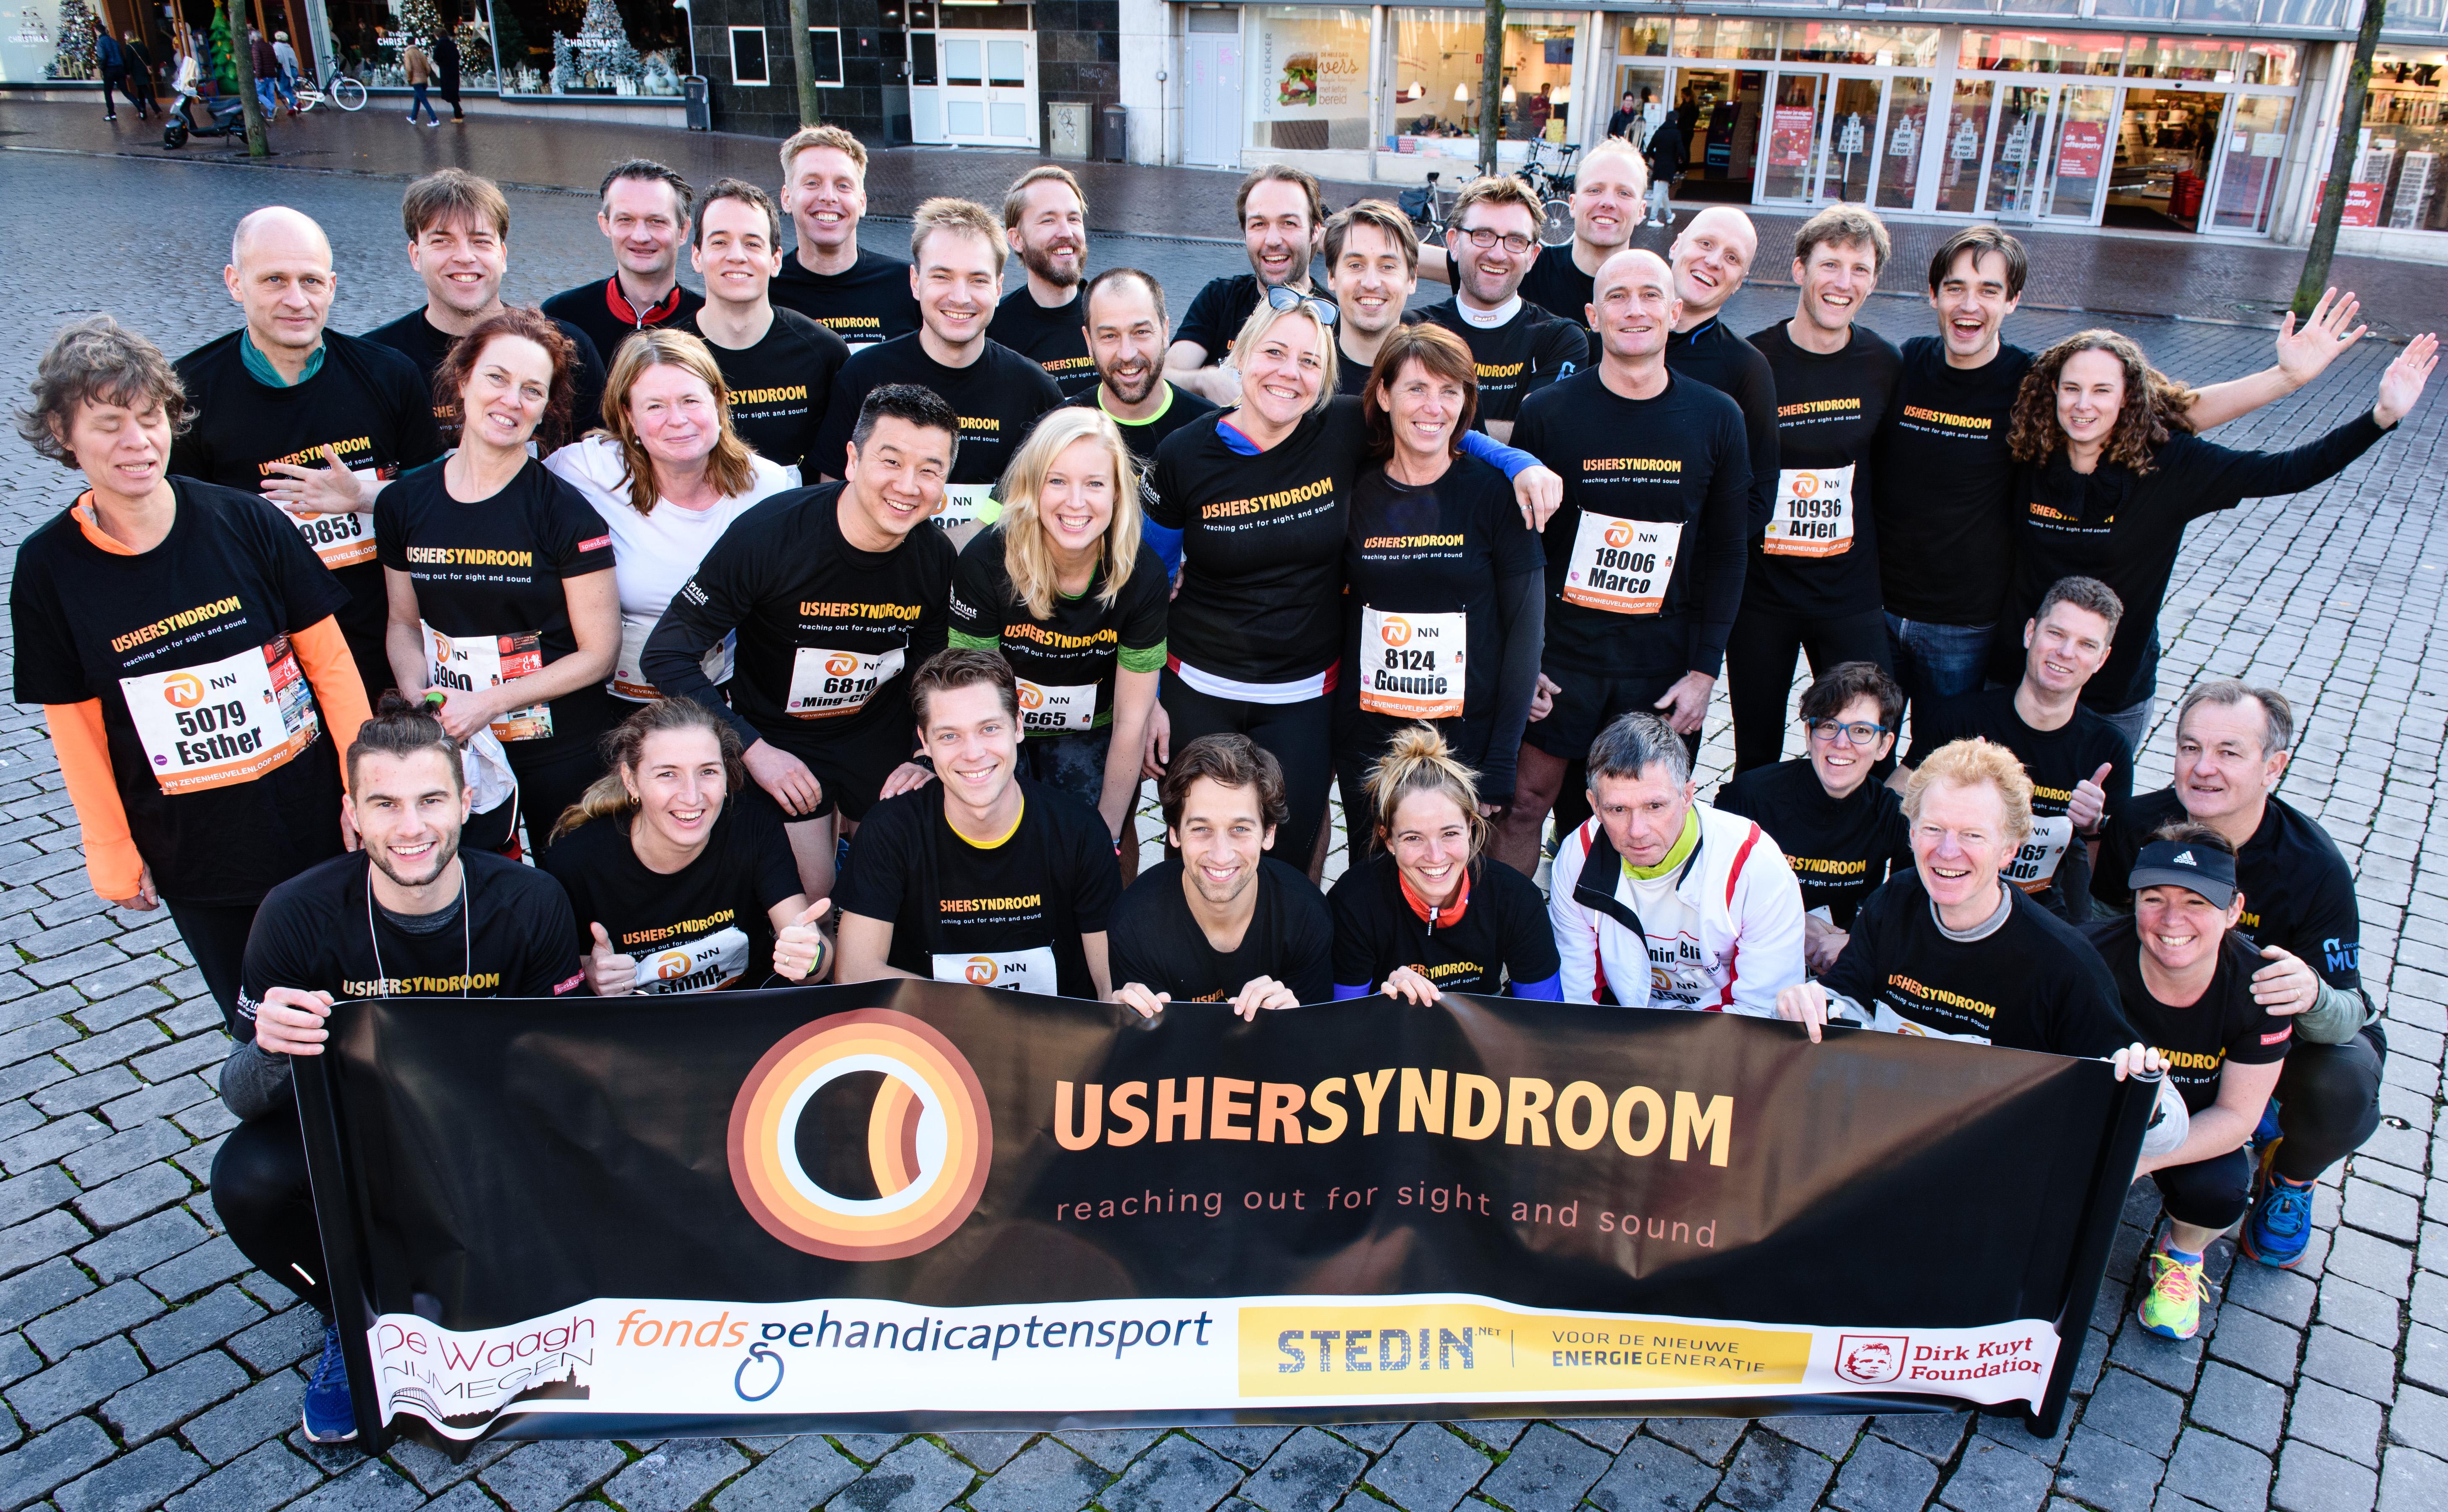 Run4Usher-team zondag 19 november